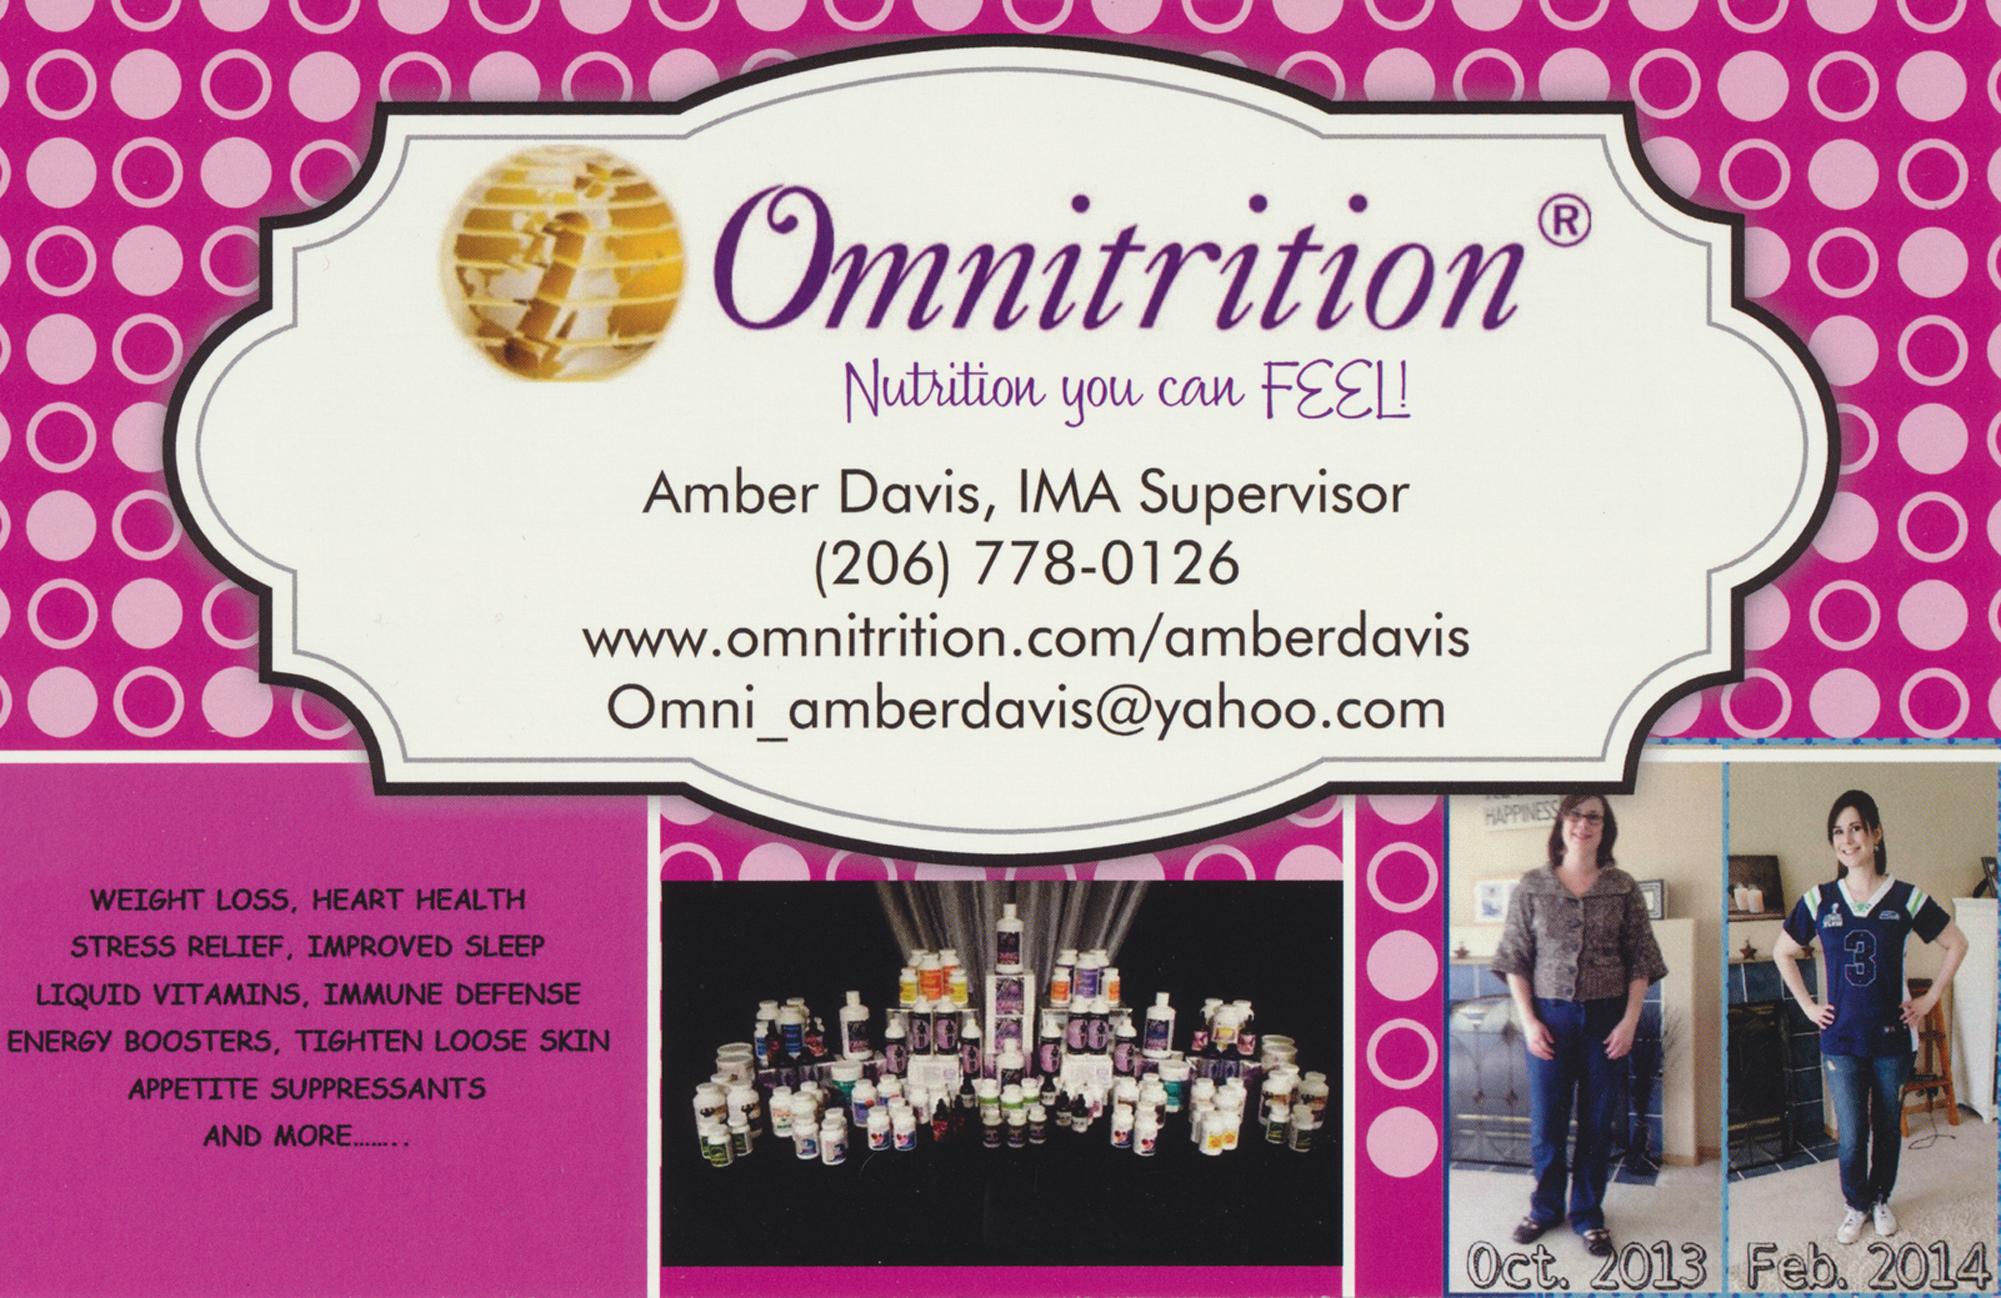 Omnitrition Inc, Amber Davis IMA